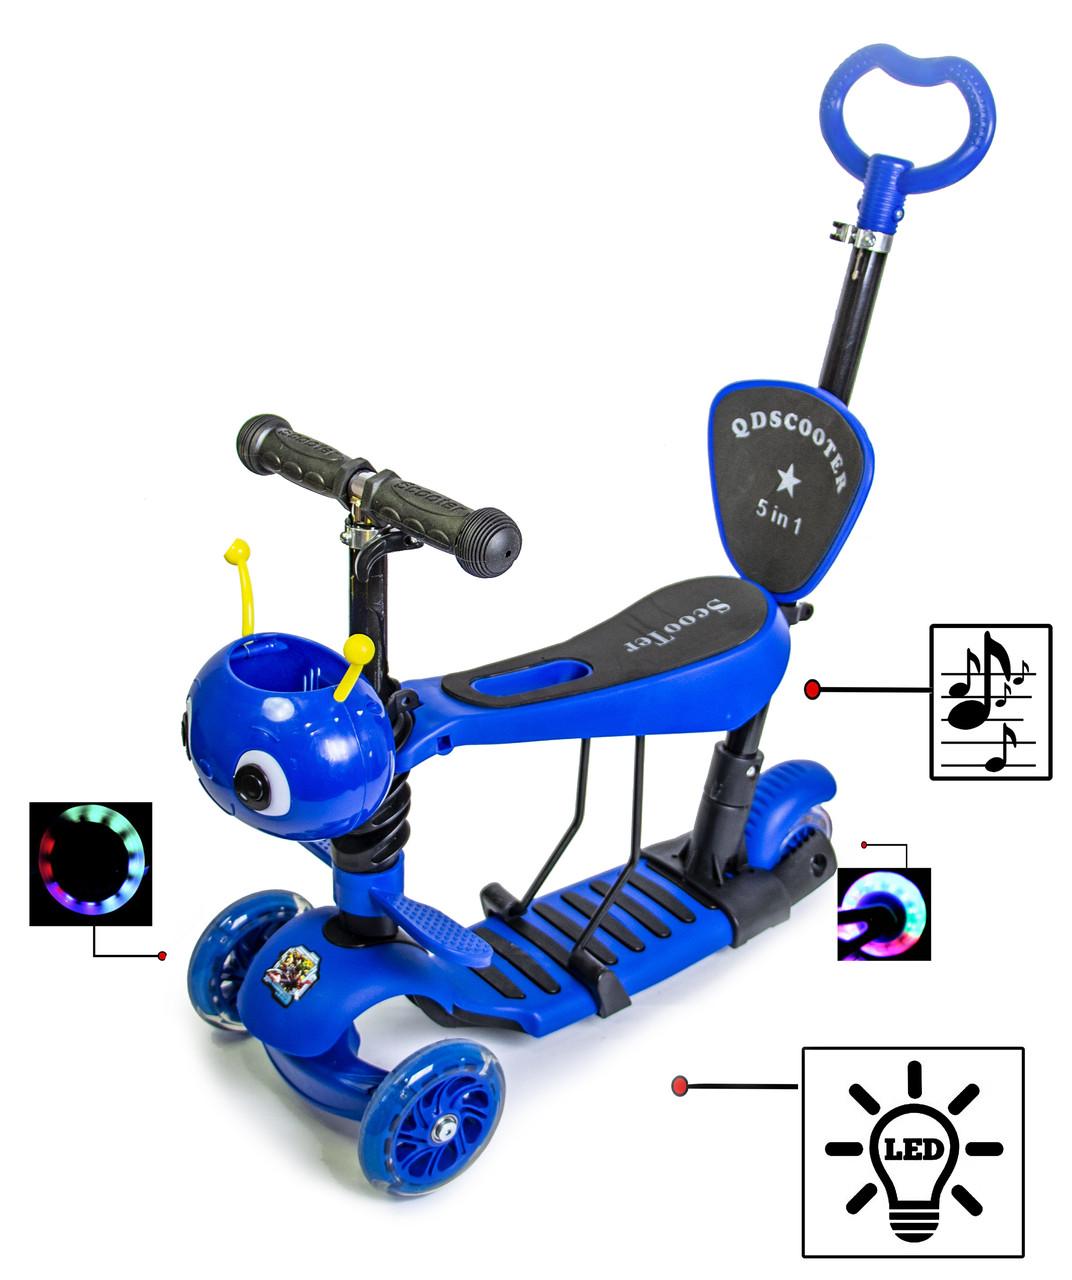 Самокат Scooter Пчелка 5 в 1. Синий. С музыкой и подсветкой